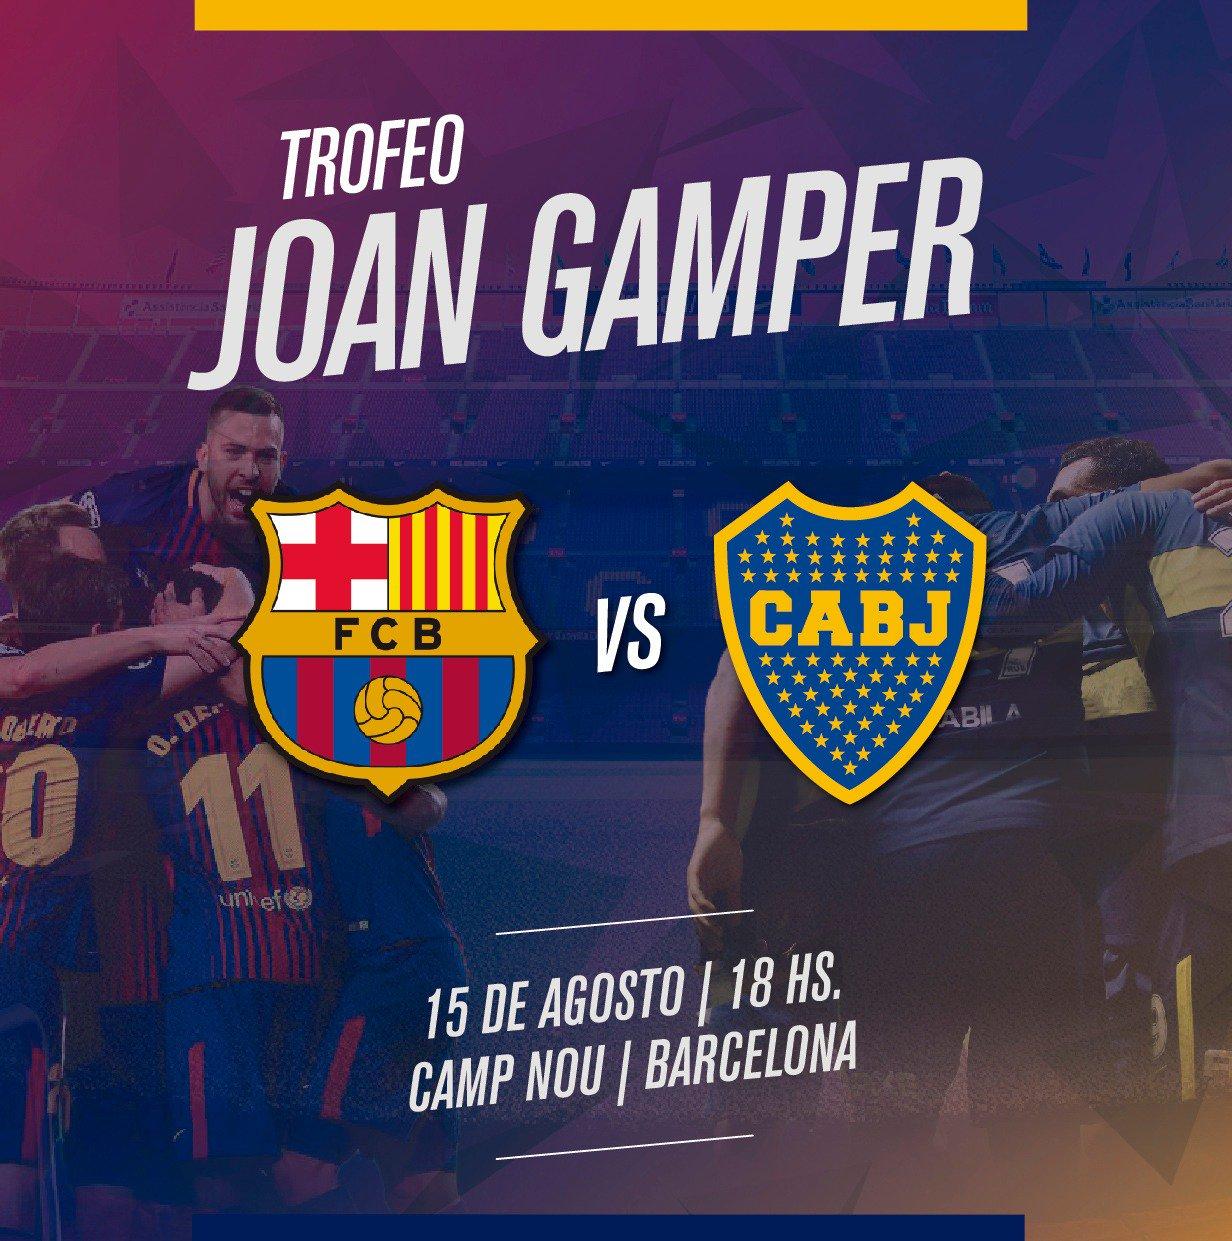 ... a la disputa del trofeo de preparación para la temporada en Europa. La  última vez que el cuadro argentino disputó el Trofeo Joan Gamper fue en  2008 d7c76644301